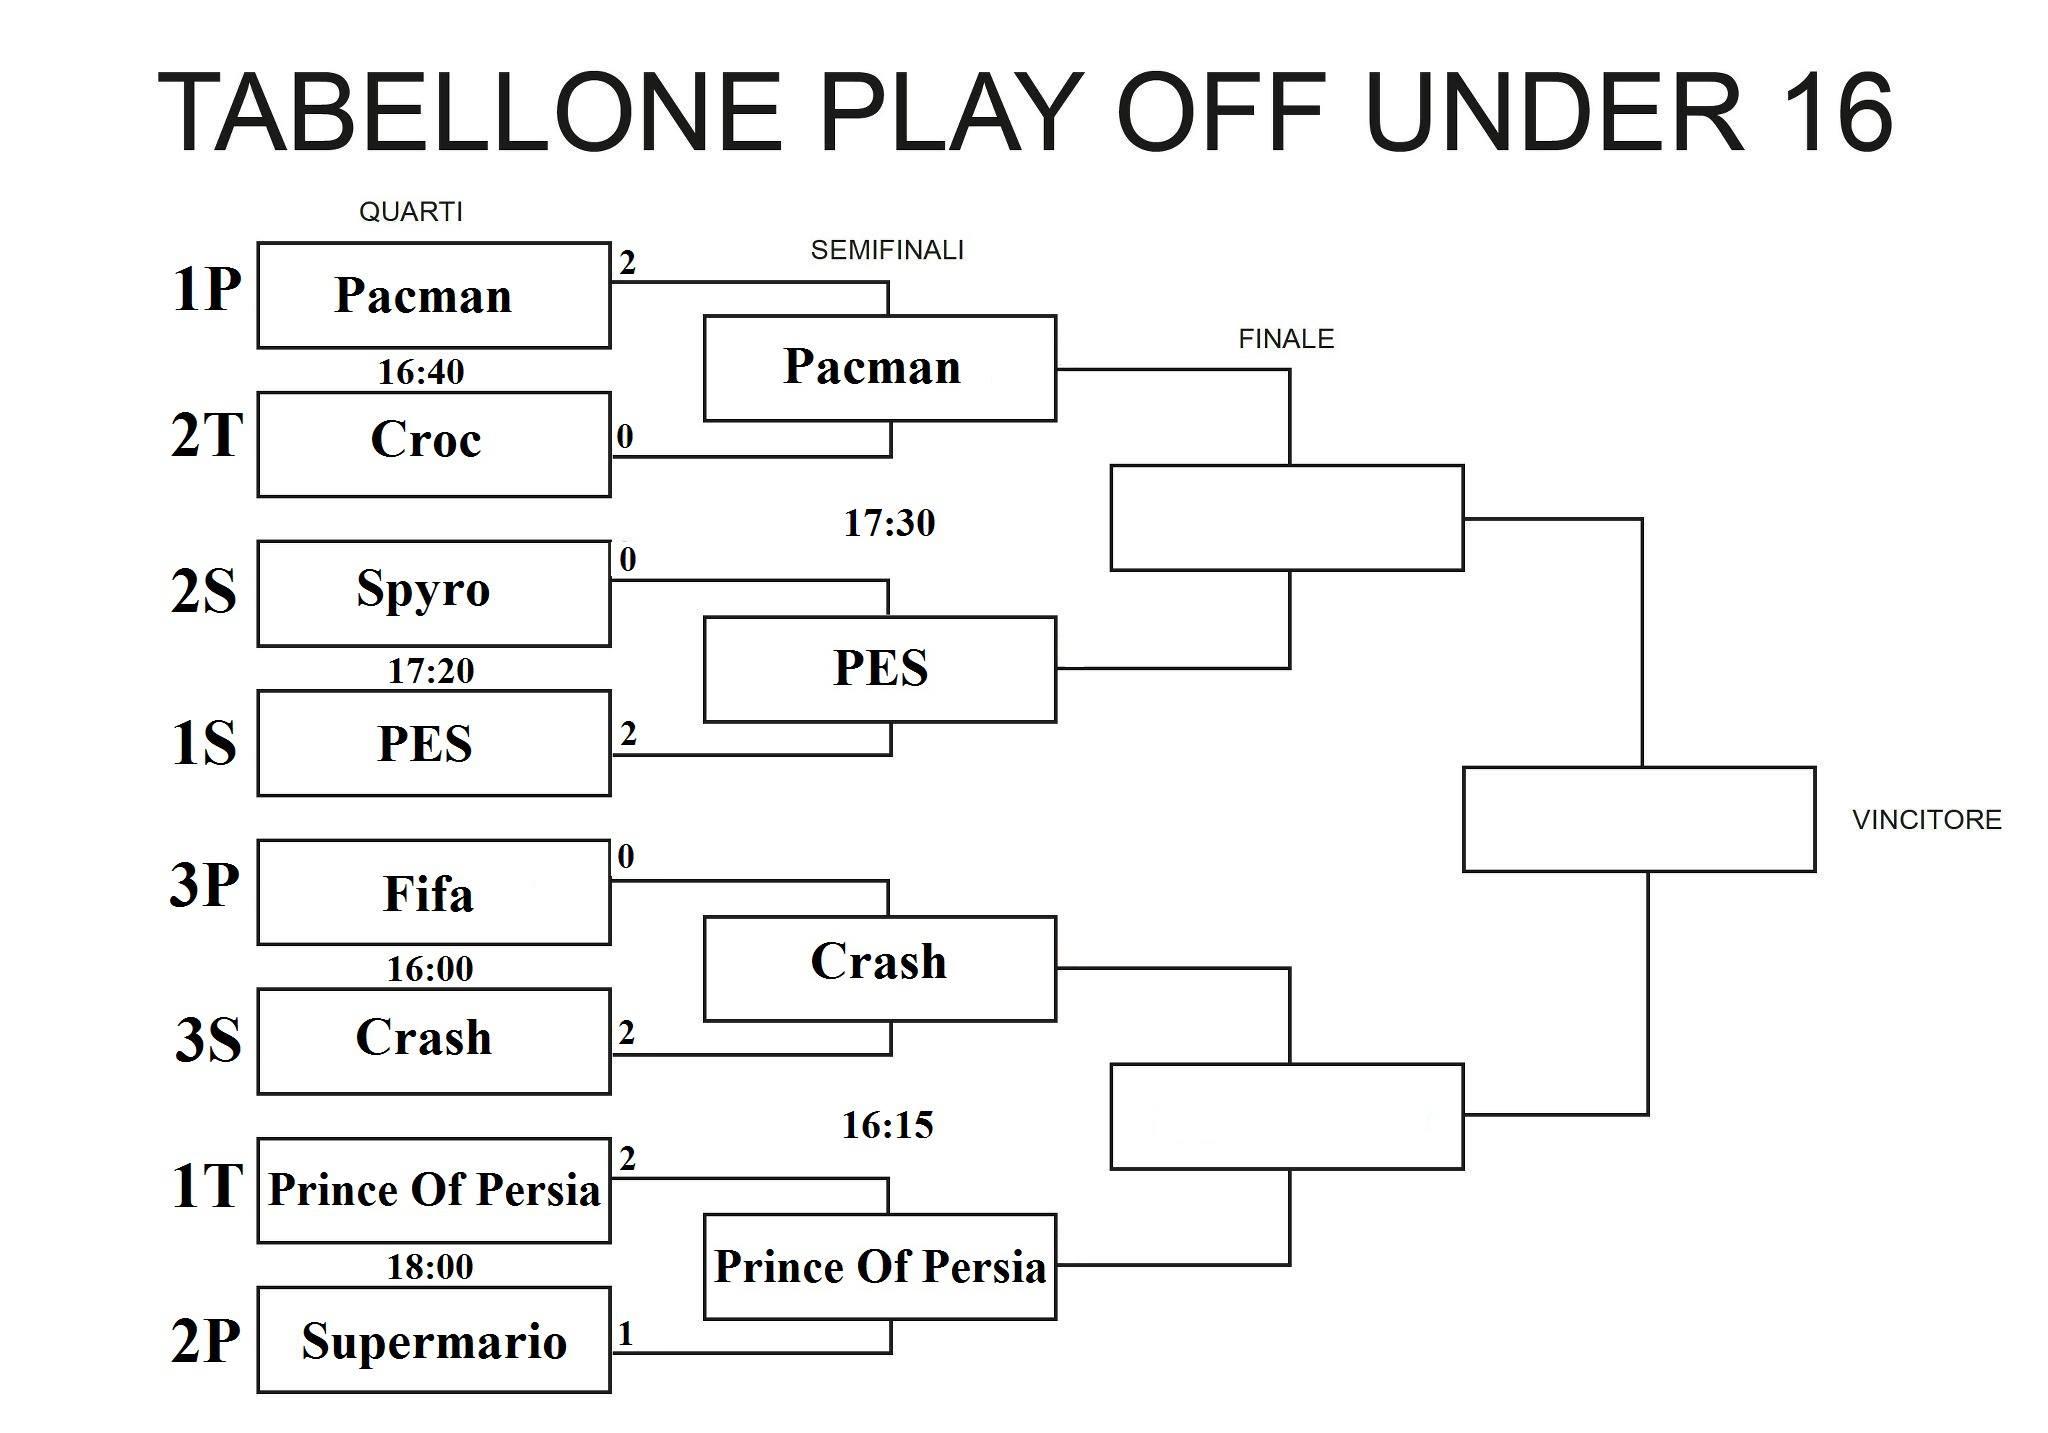 tabellone semifinali under16